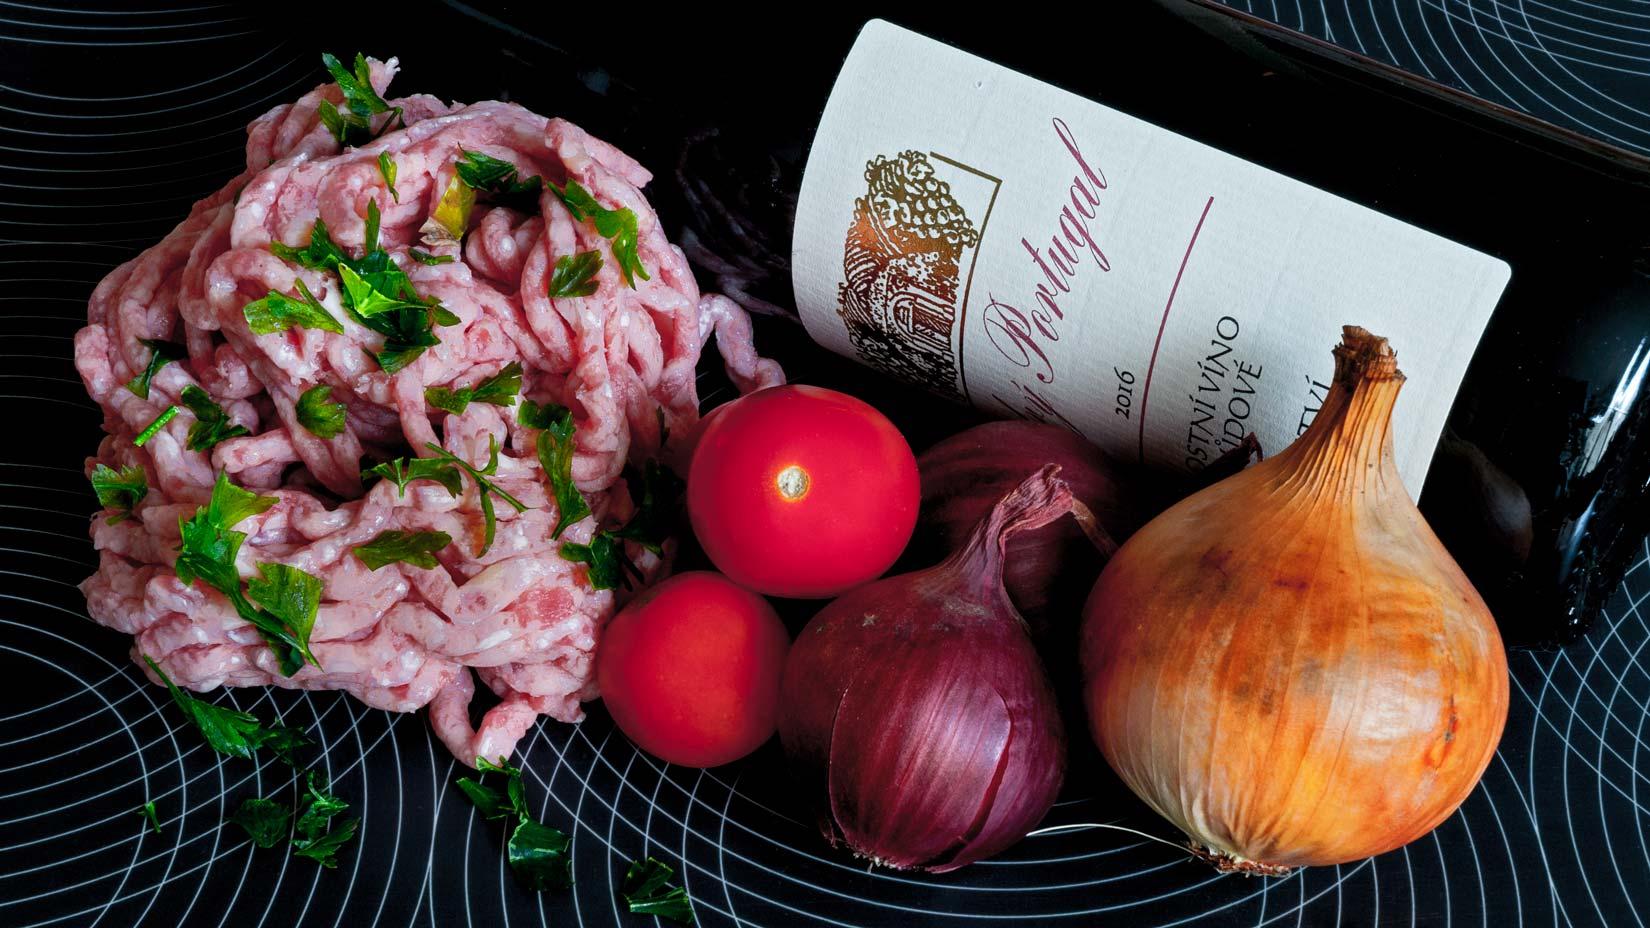 Mleté maso, cibule, rajčata a petrželová nať. Hlavní chutě sutzukakia